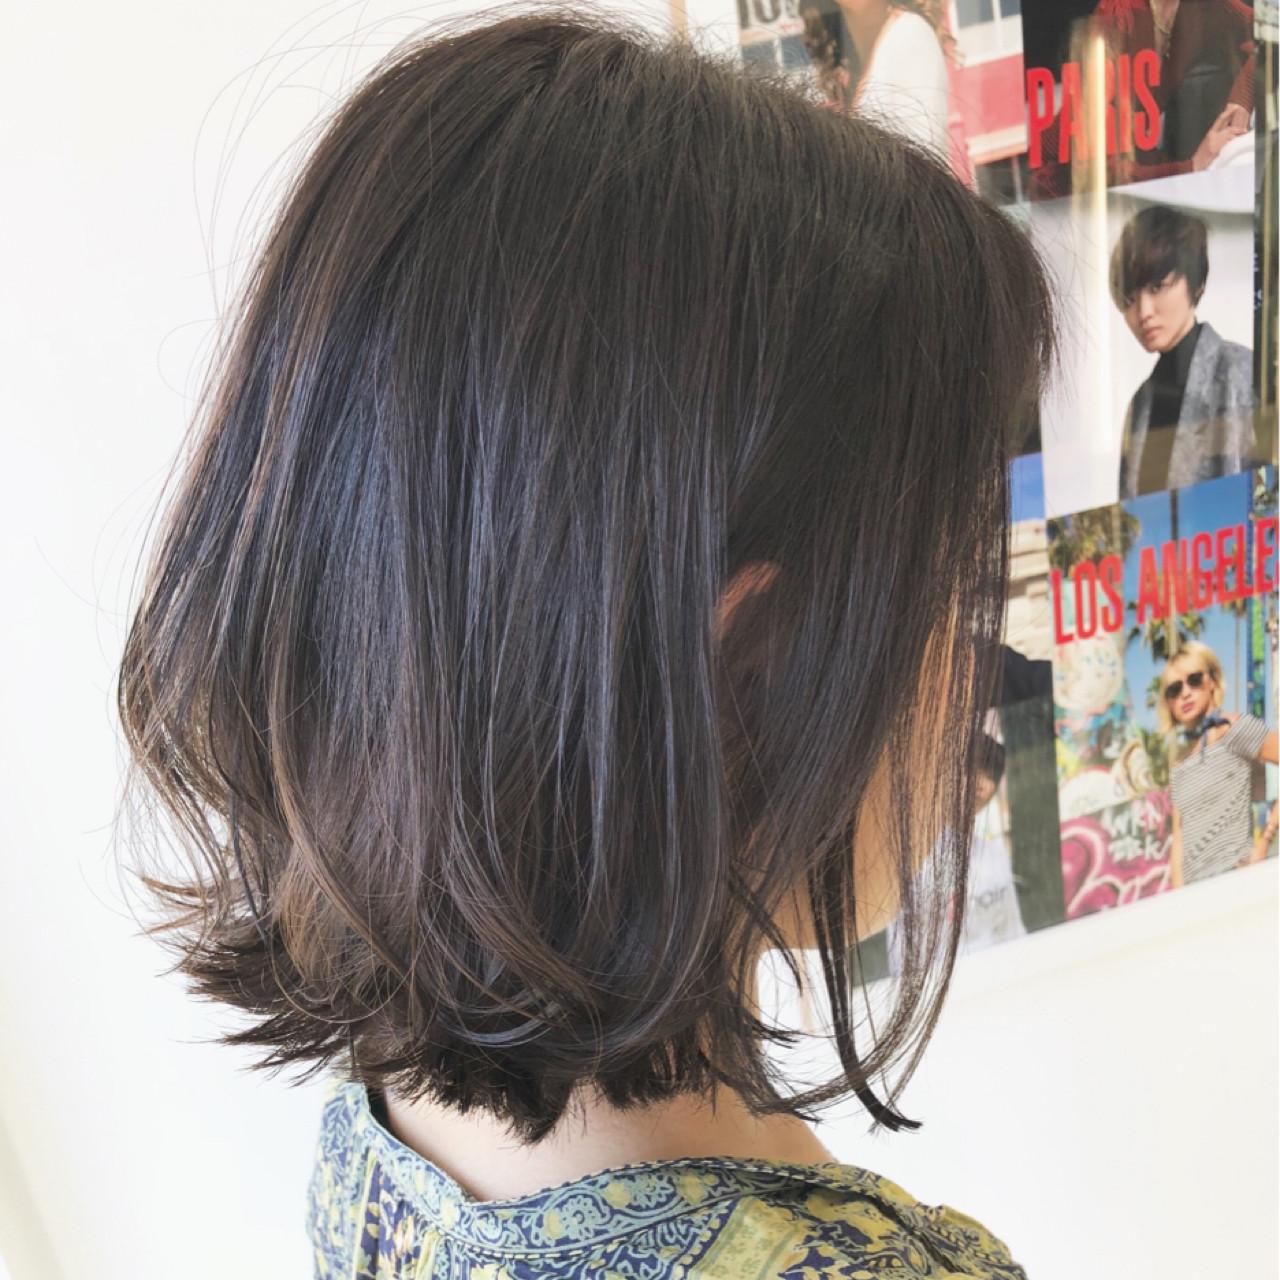 オフィス ウェーブ ナチュラル 簡単ヘアアレンジ ヘアスタイルや髪型の写真・画像 | 越後 裕介 (Yusuke Echigo) / mod's hair 仙台長町(モッズ・ヘア)